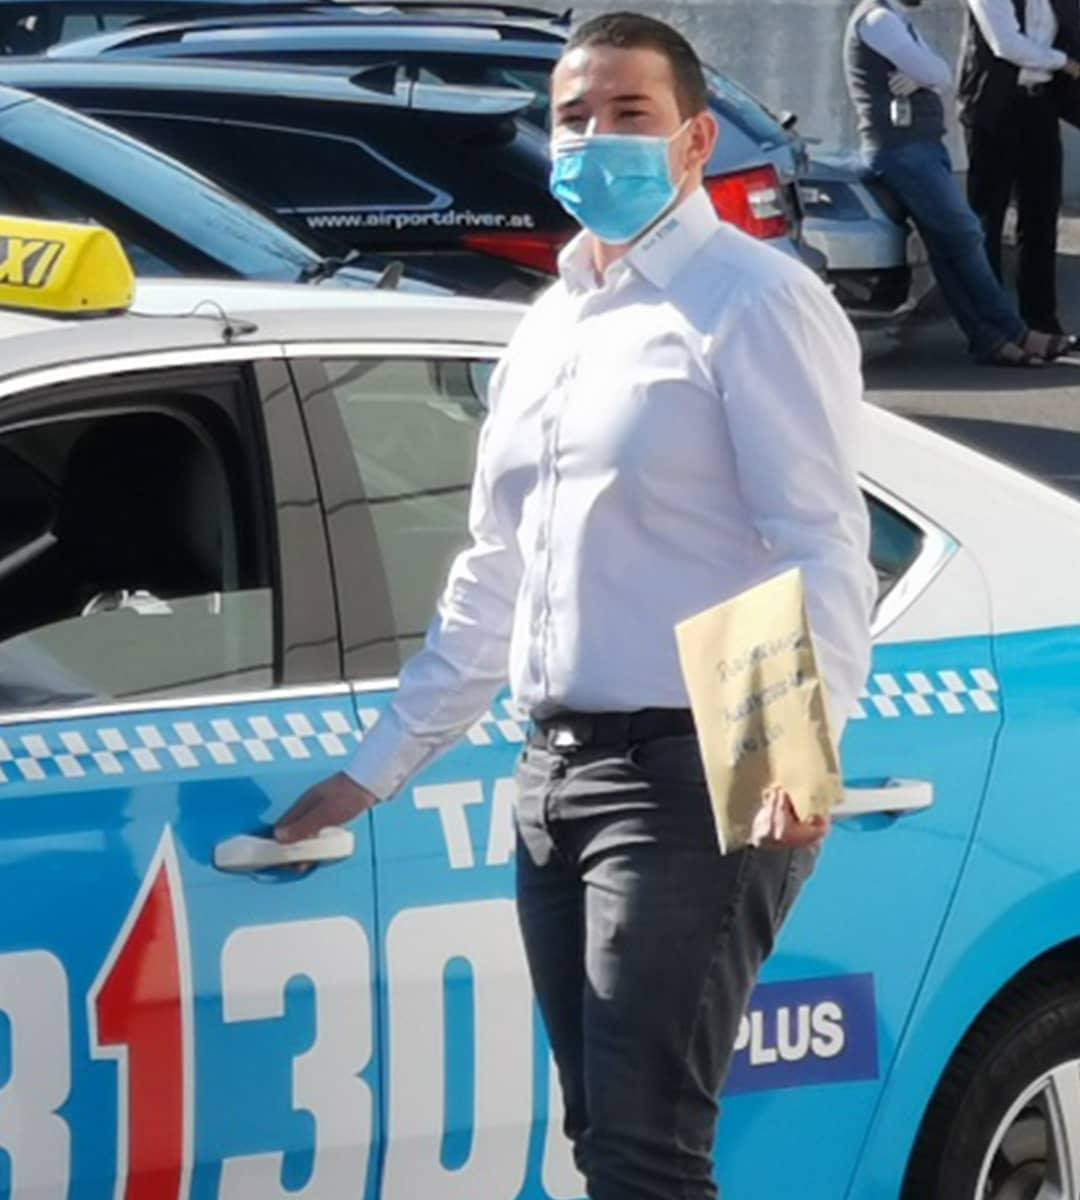 Taxilenker mit MNS-Maske vor Taxi